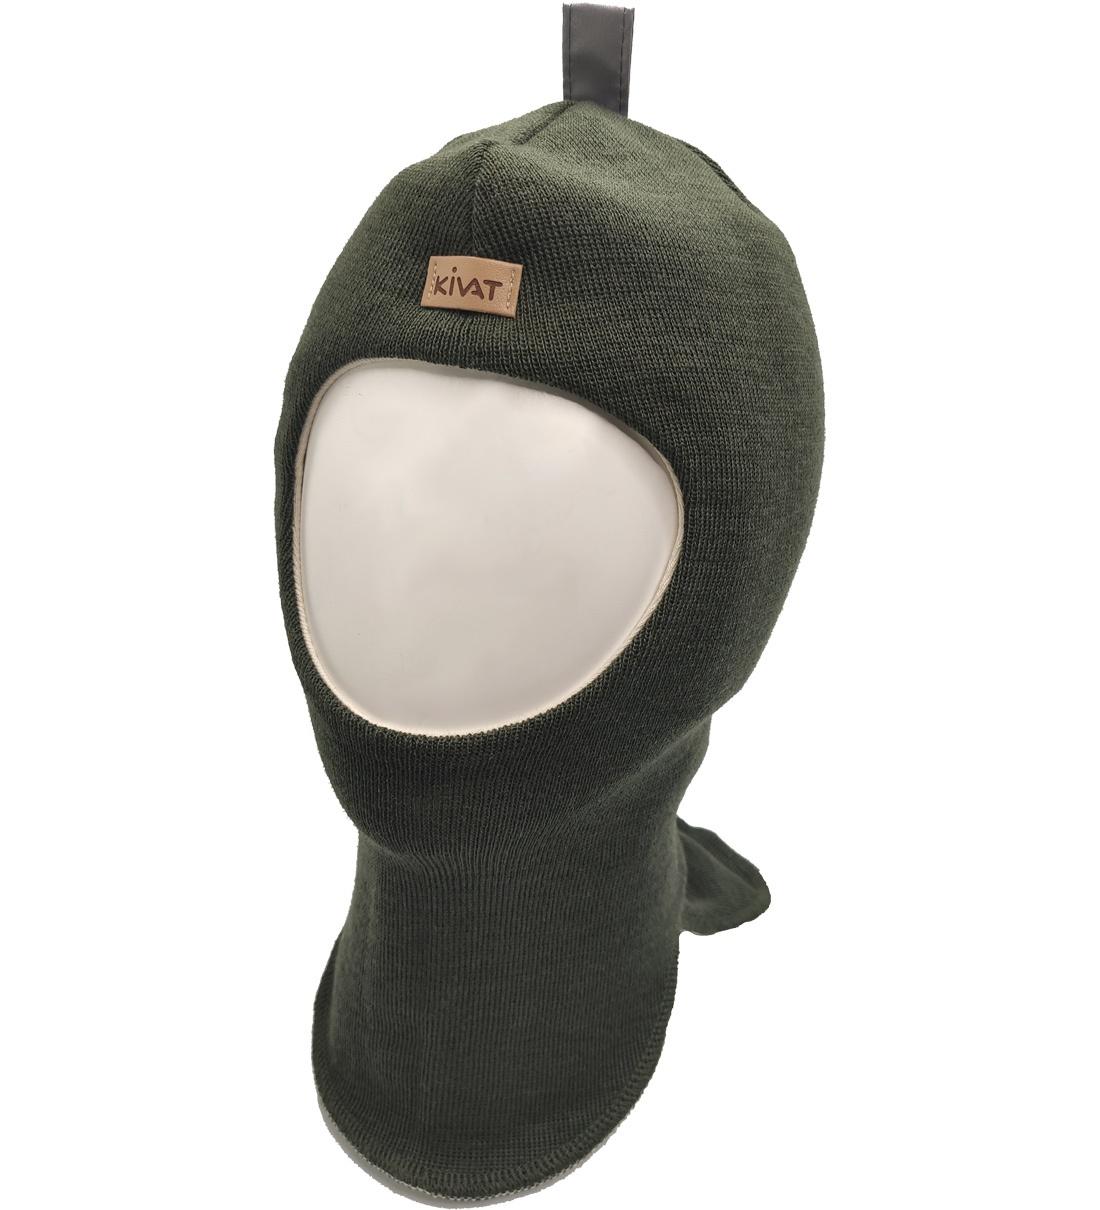 Купить 495 (85), Шлем для мальчиков Kivat цв. Зеленый р-р. 2,